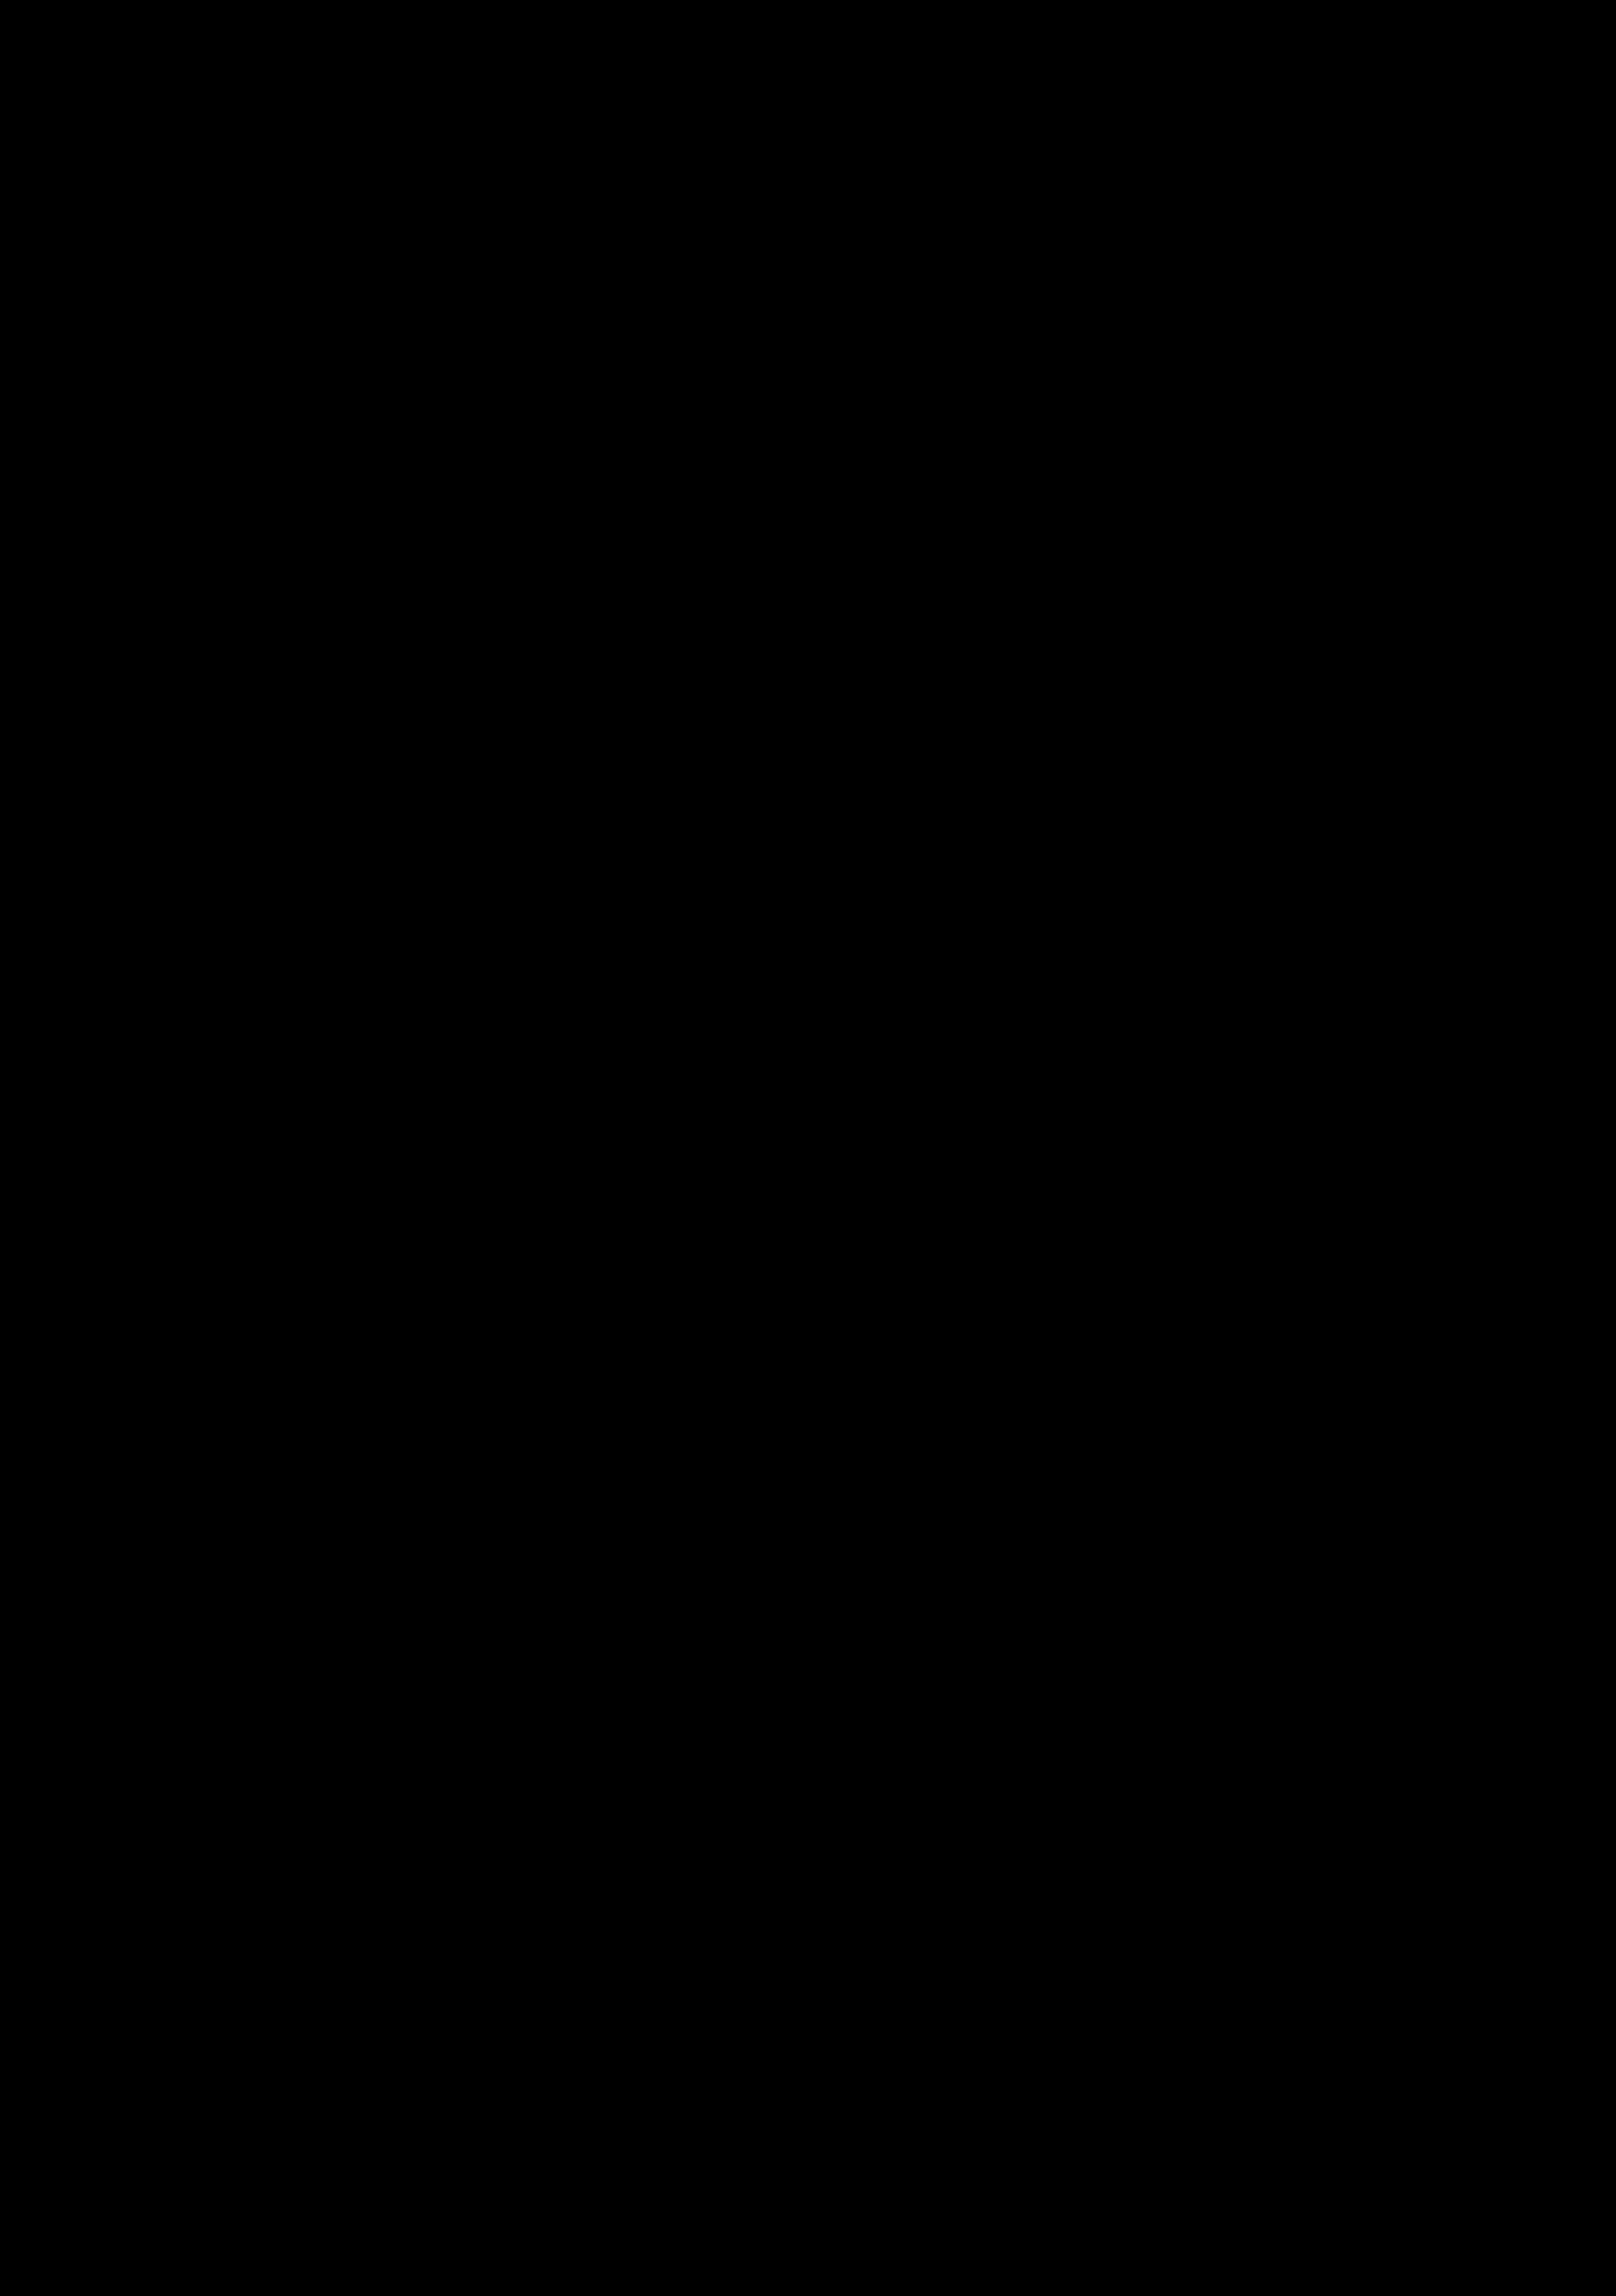 SPD-Plakat-Nachbau_mont-15c_Korrektur_NeuerTitel.indd